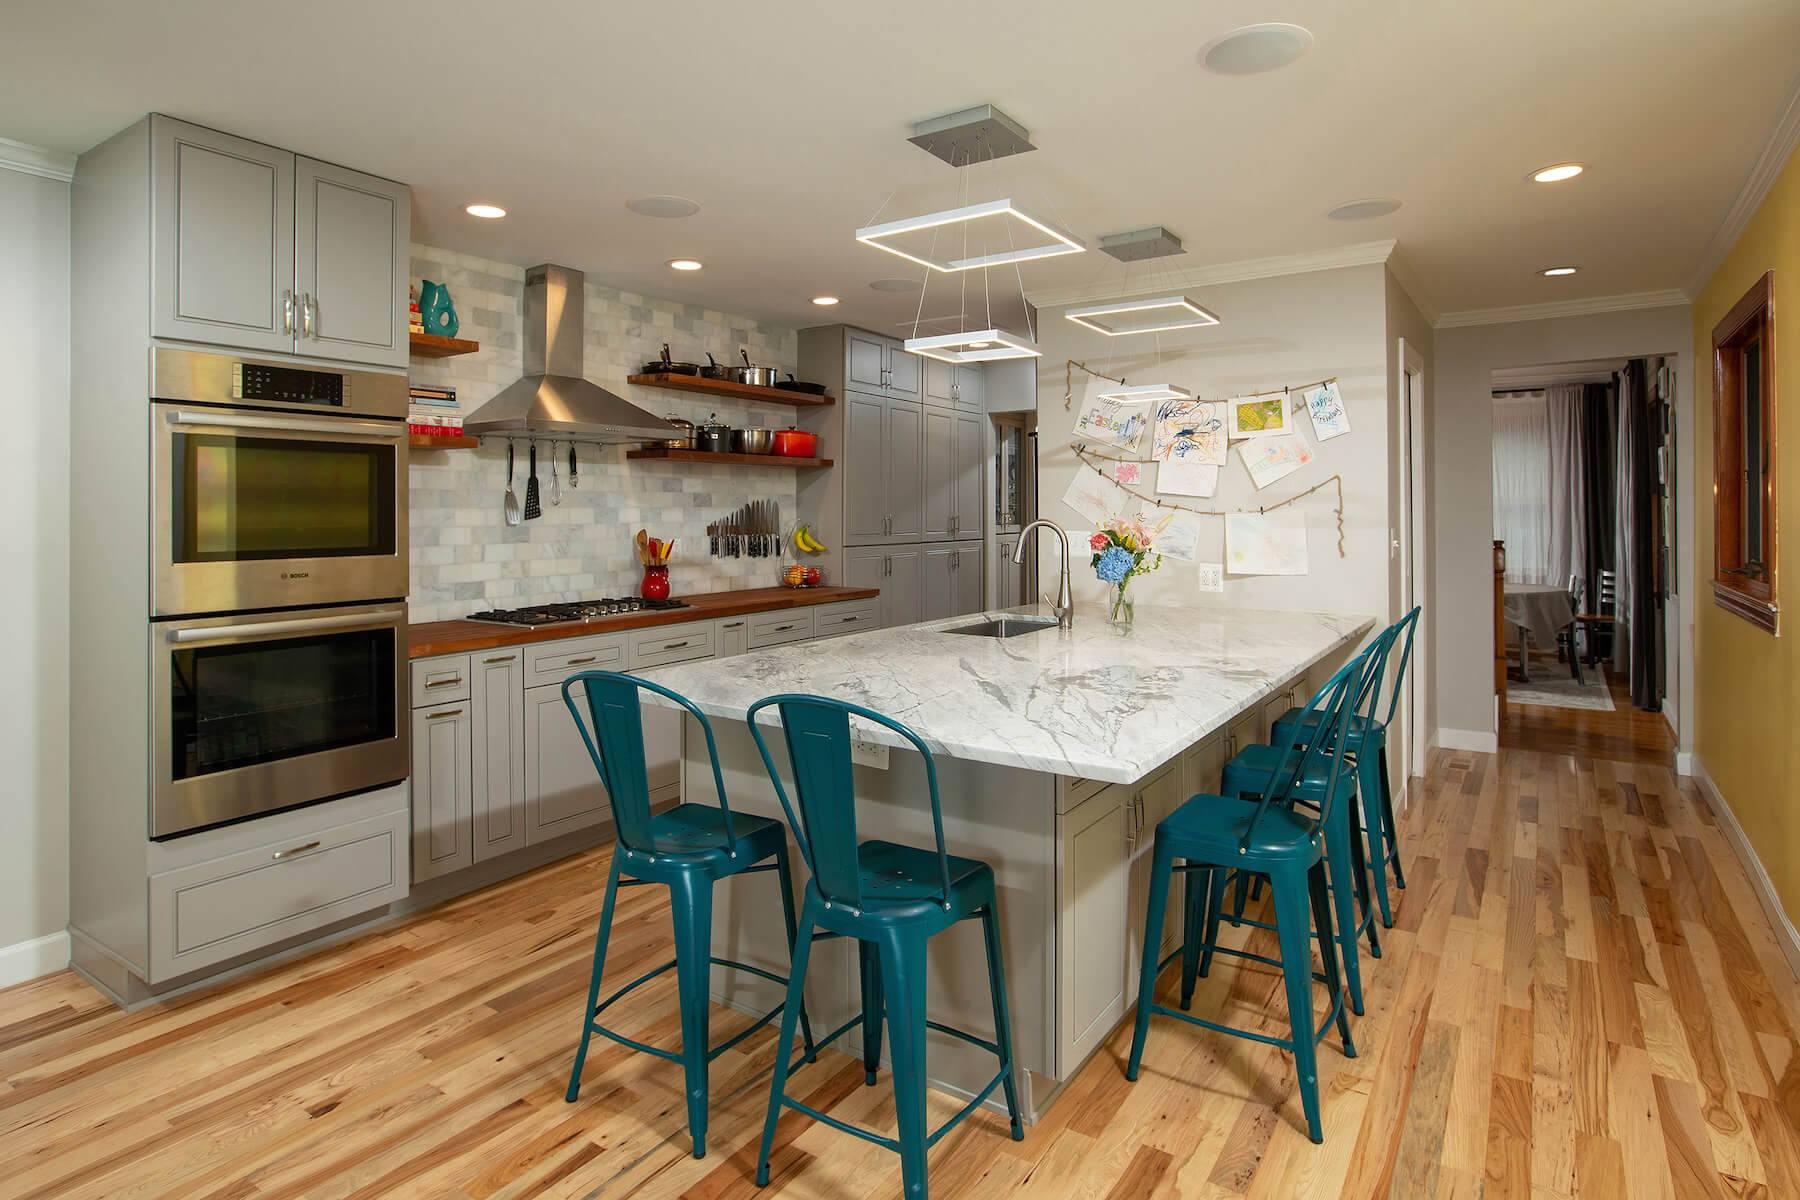 kitchen_5-17-19_165-1